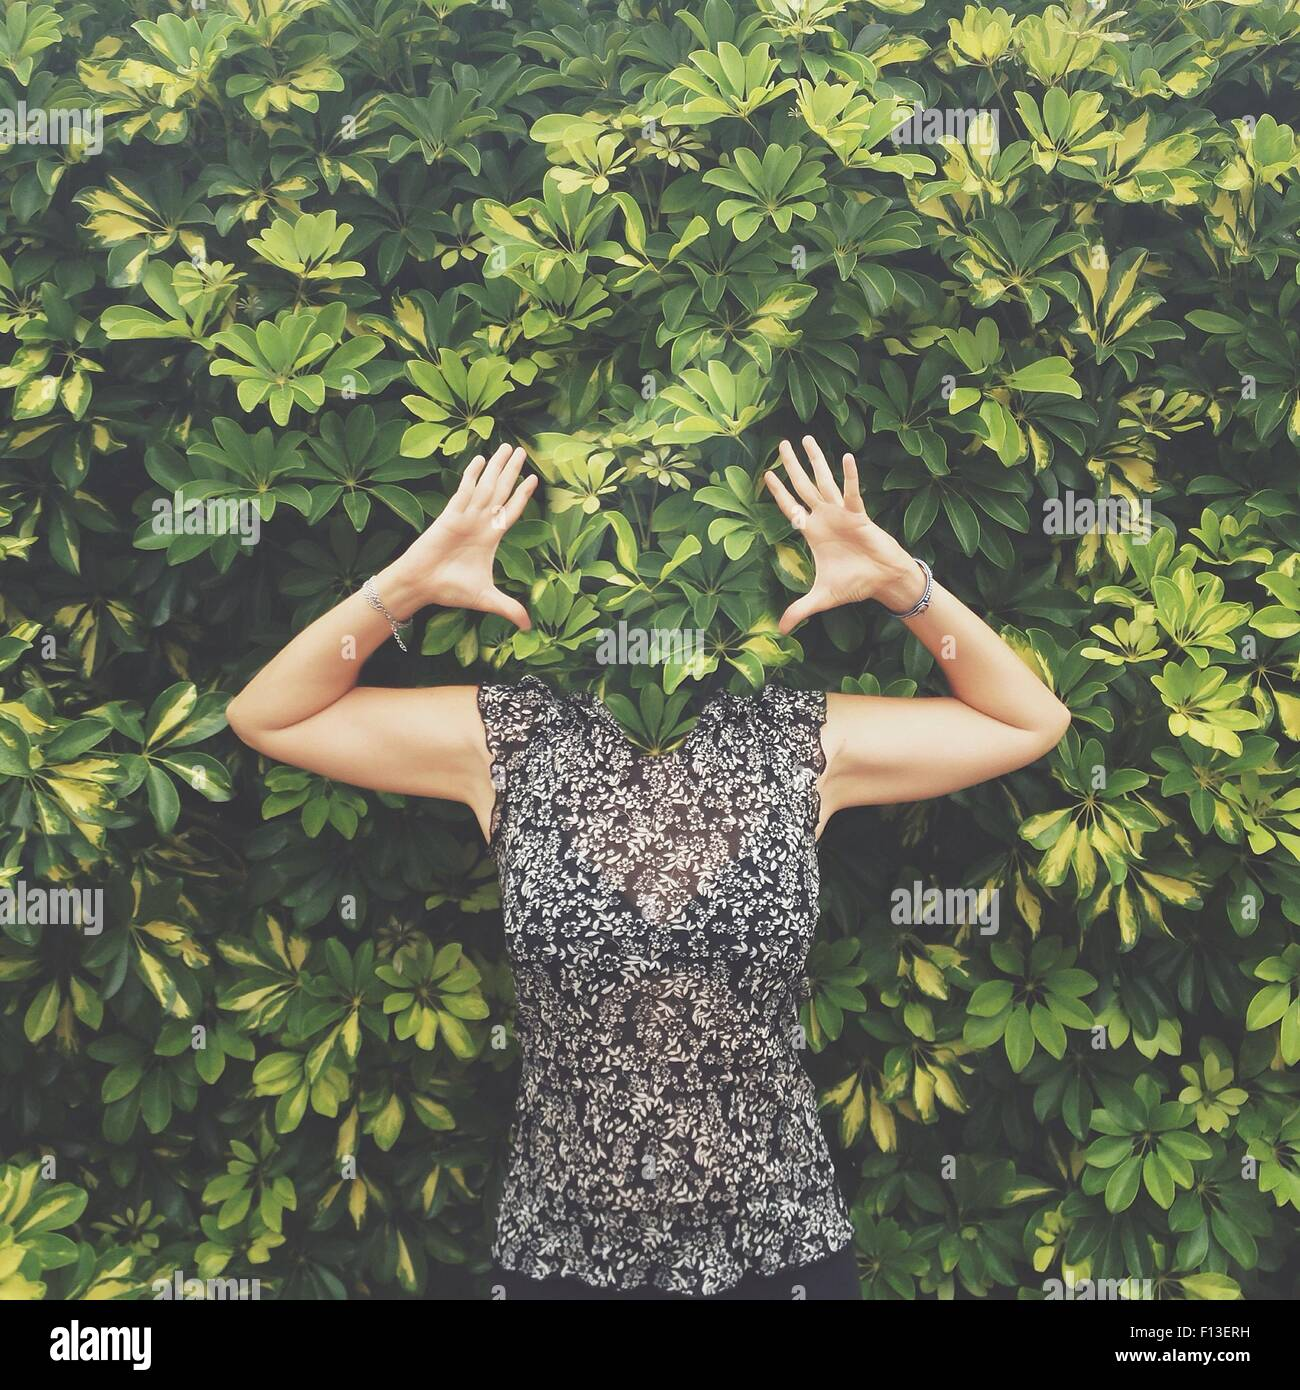 Frauen mit Gesicht versteckt hinter Blättern stehend mit erhobenen Armen Stockbild